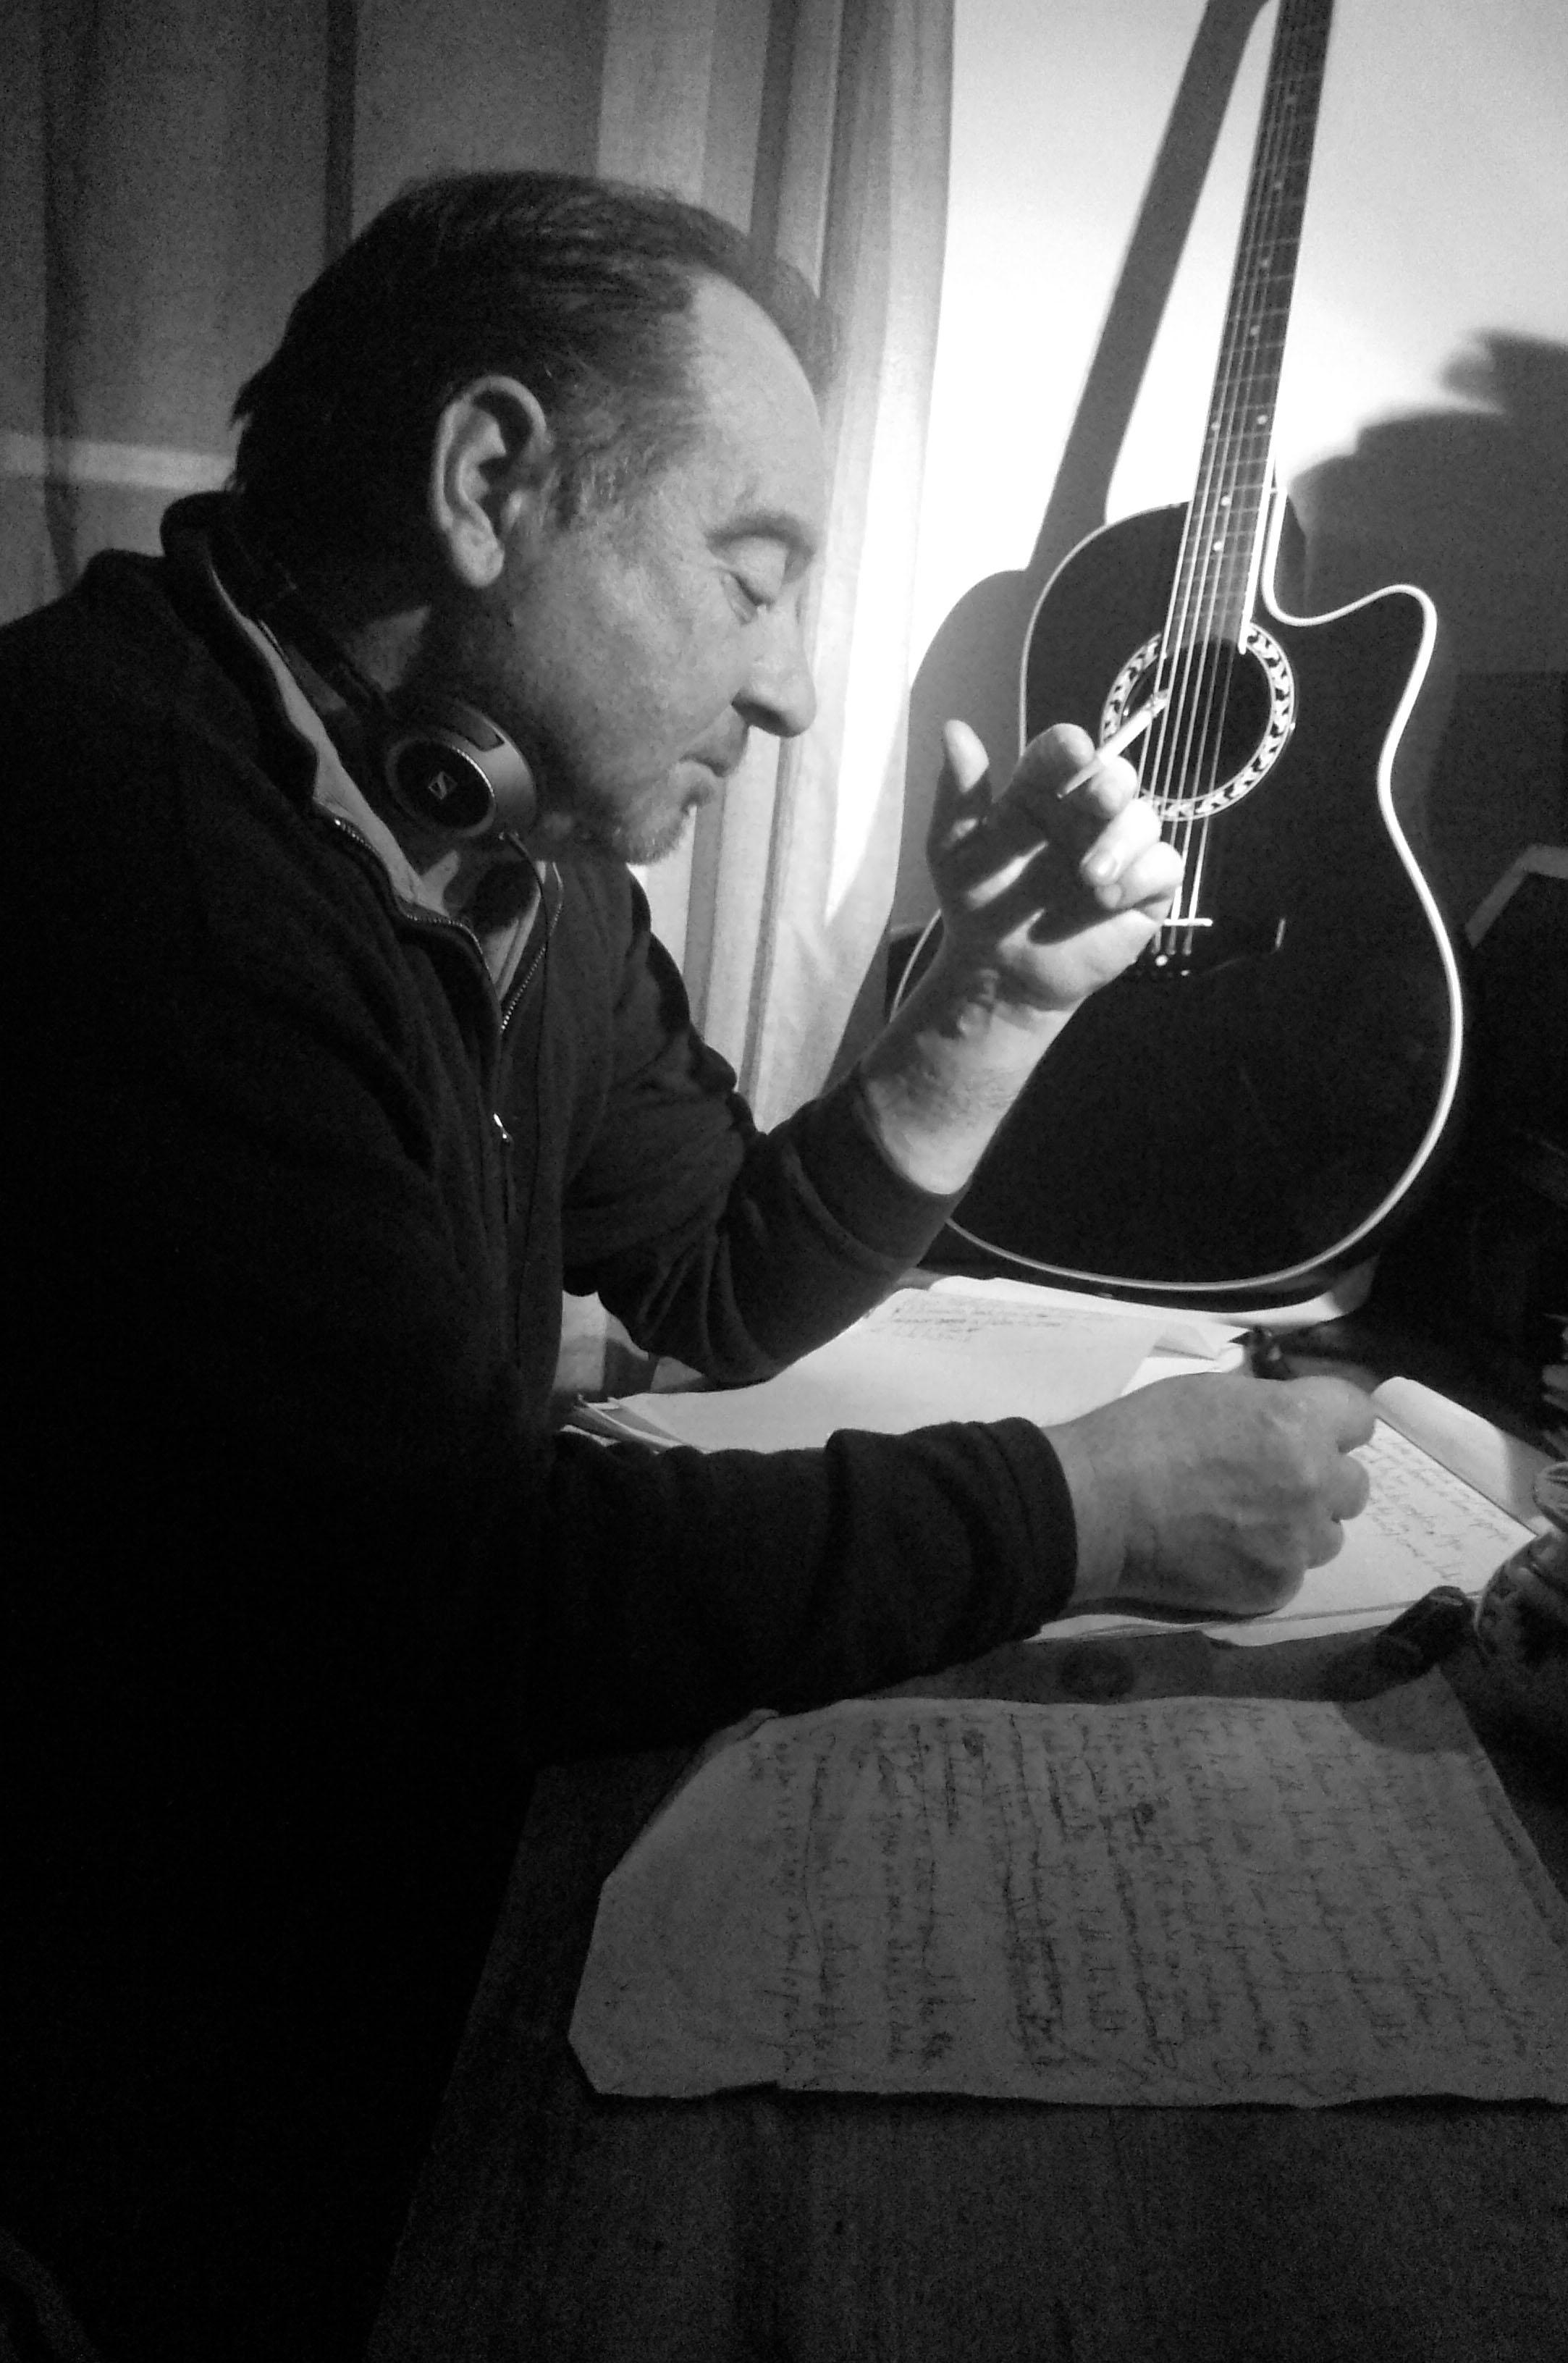 Musik d'ici et d'ailleurs : Eric Carrizey, présentation d'un auteur compositeur qui n'a jamais laché l'affaire.